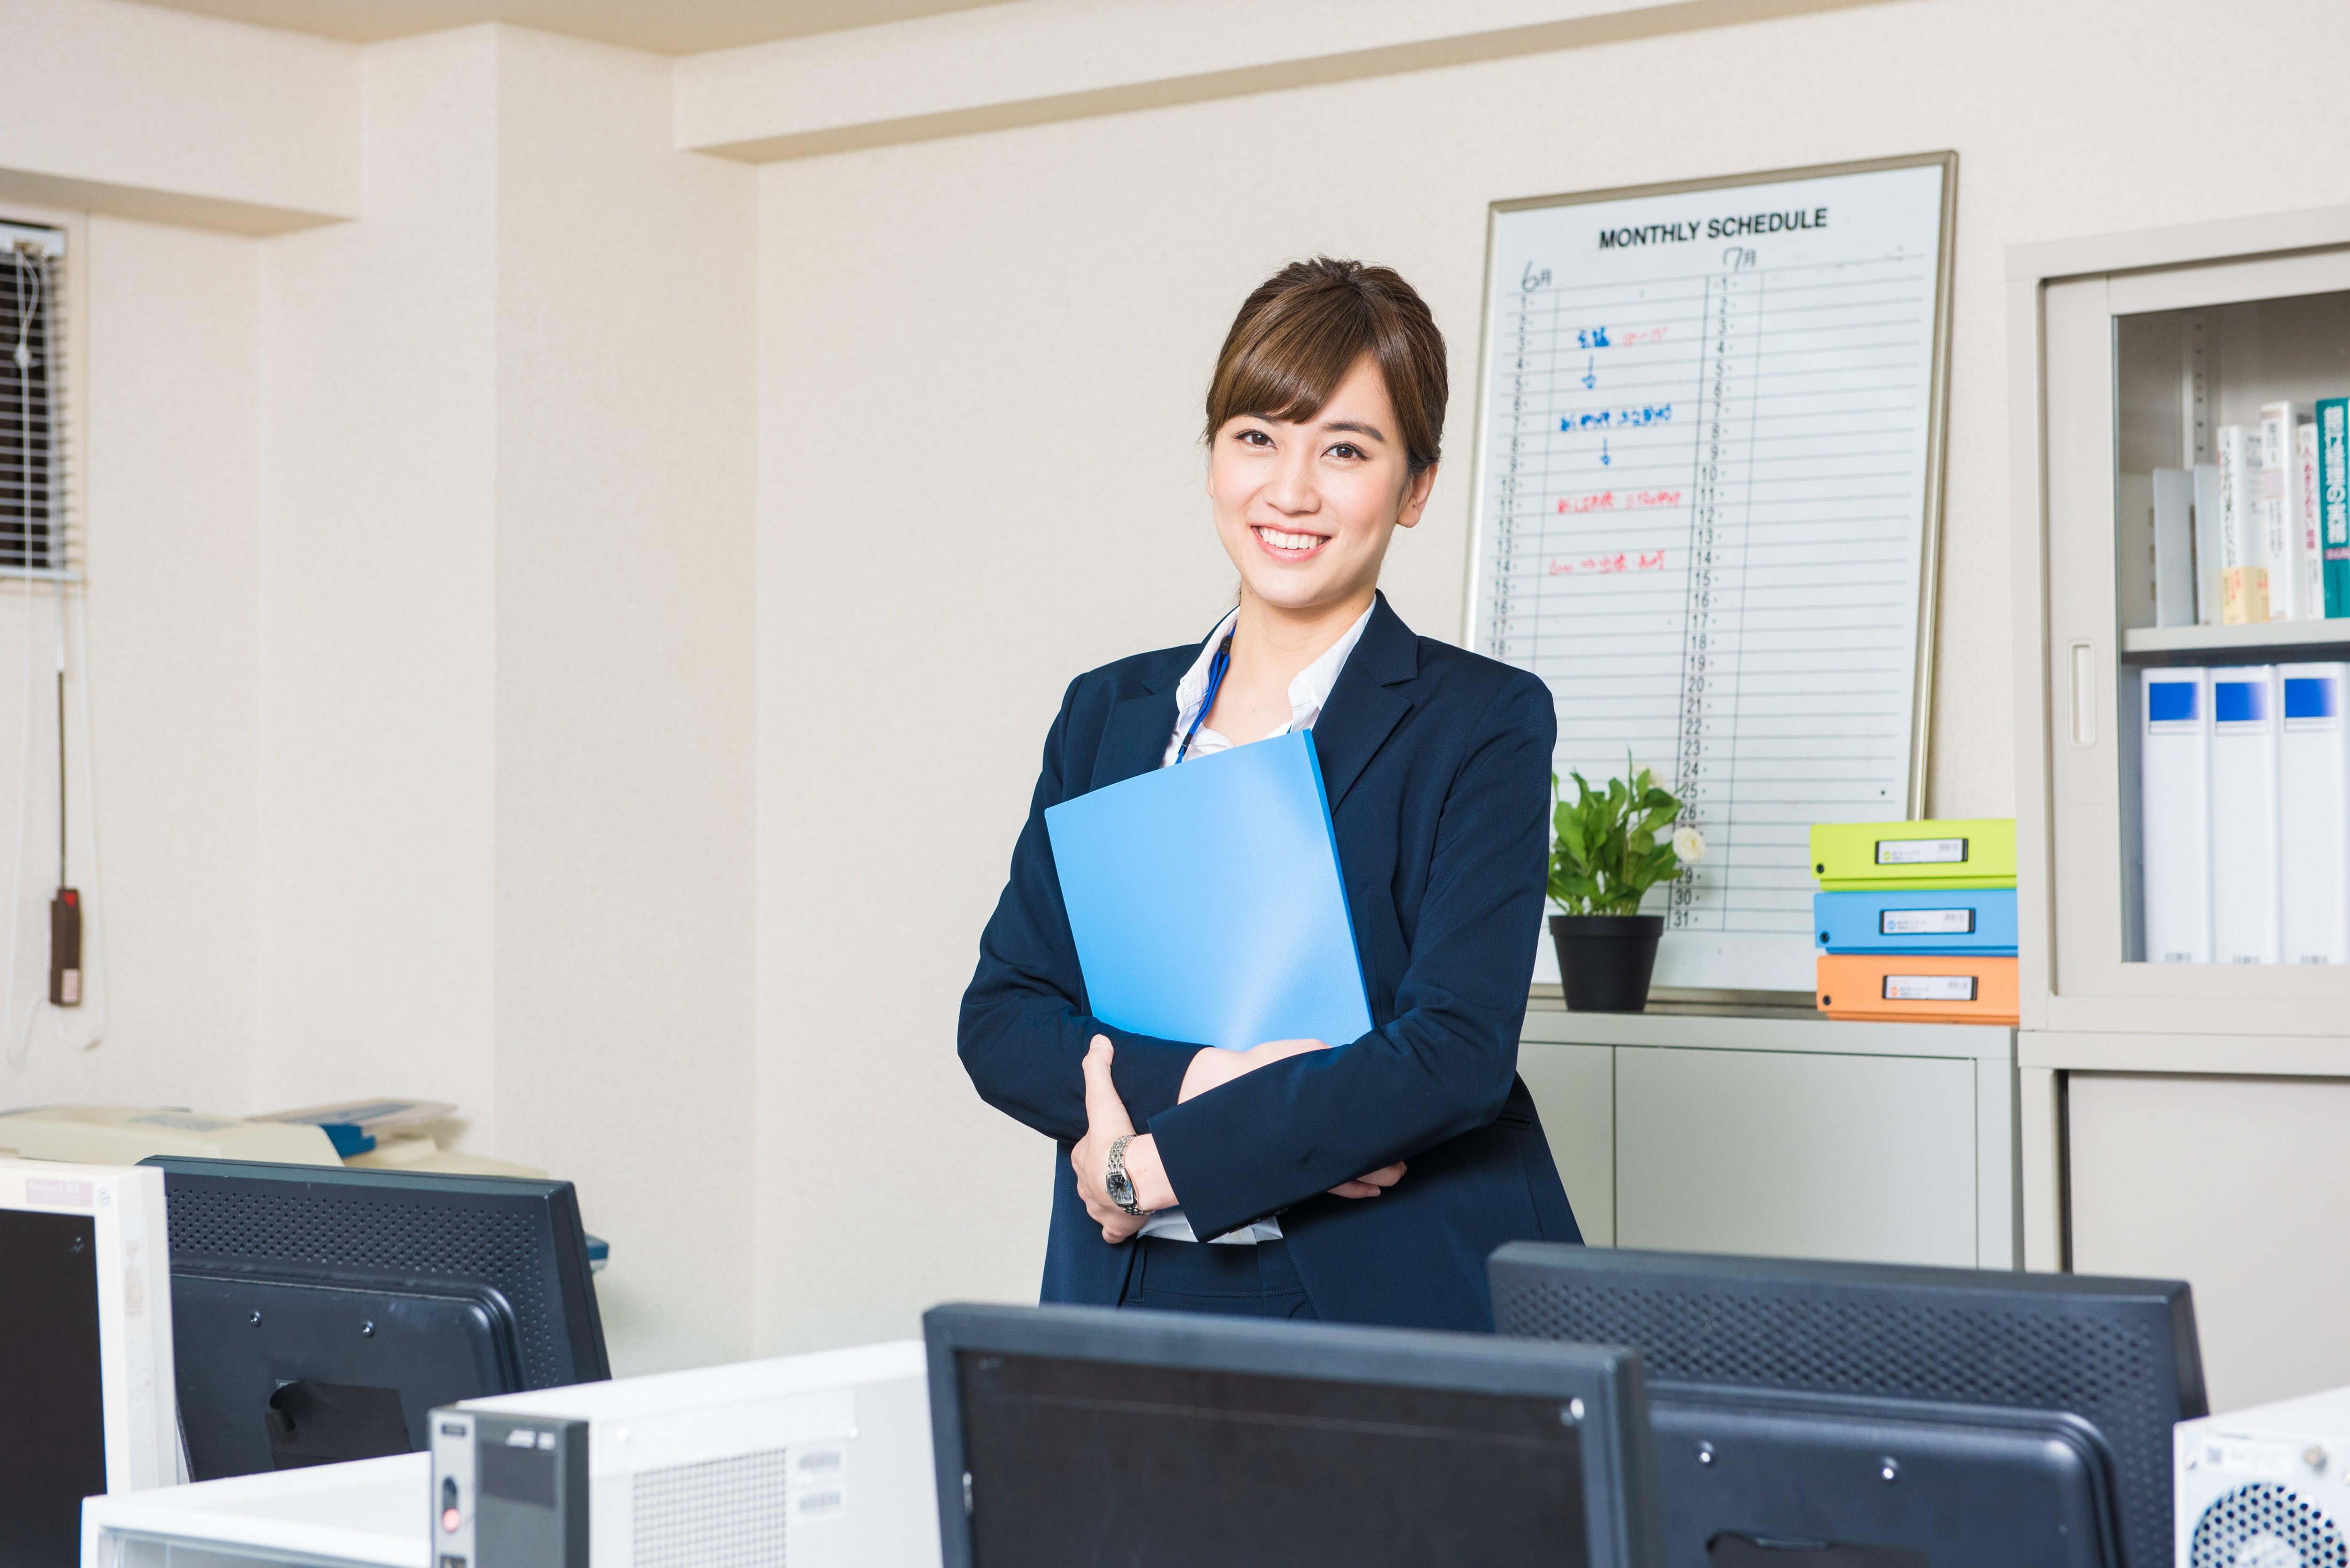 オフィスで笑顔